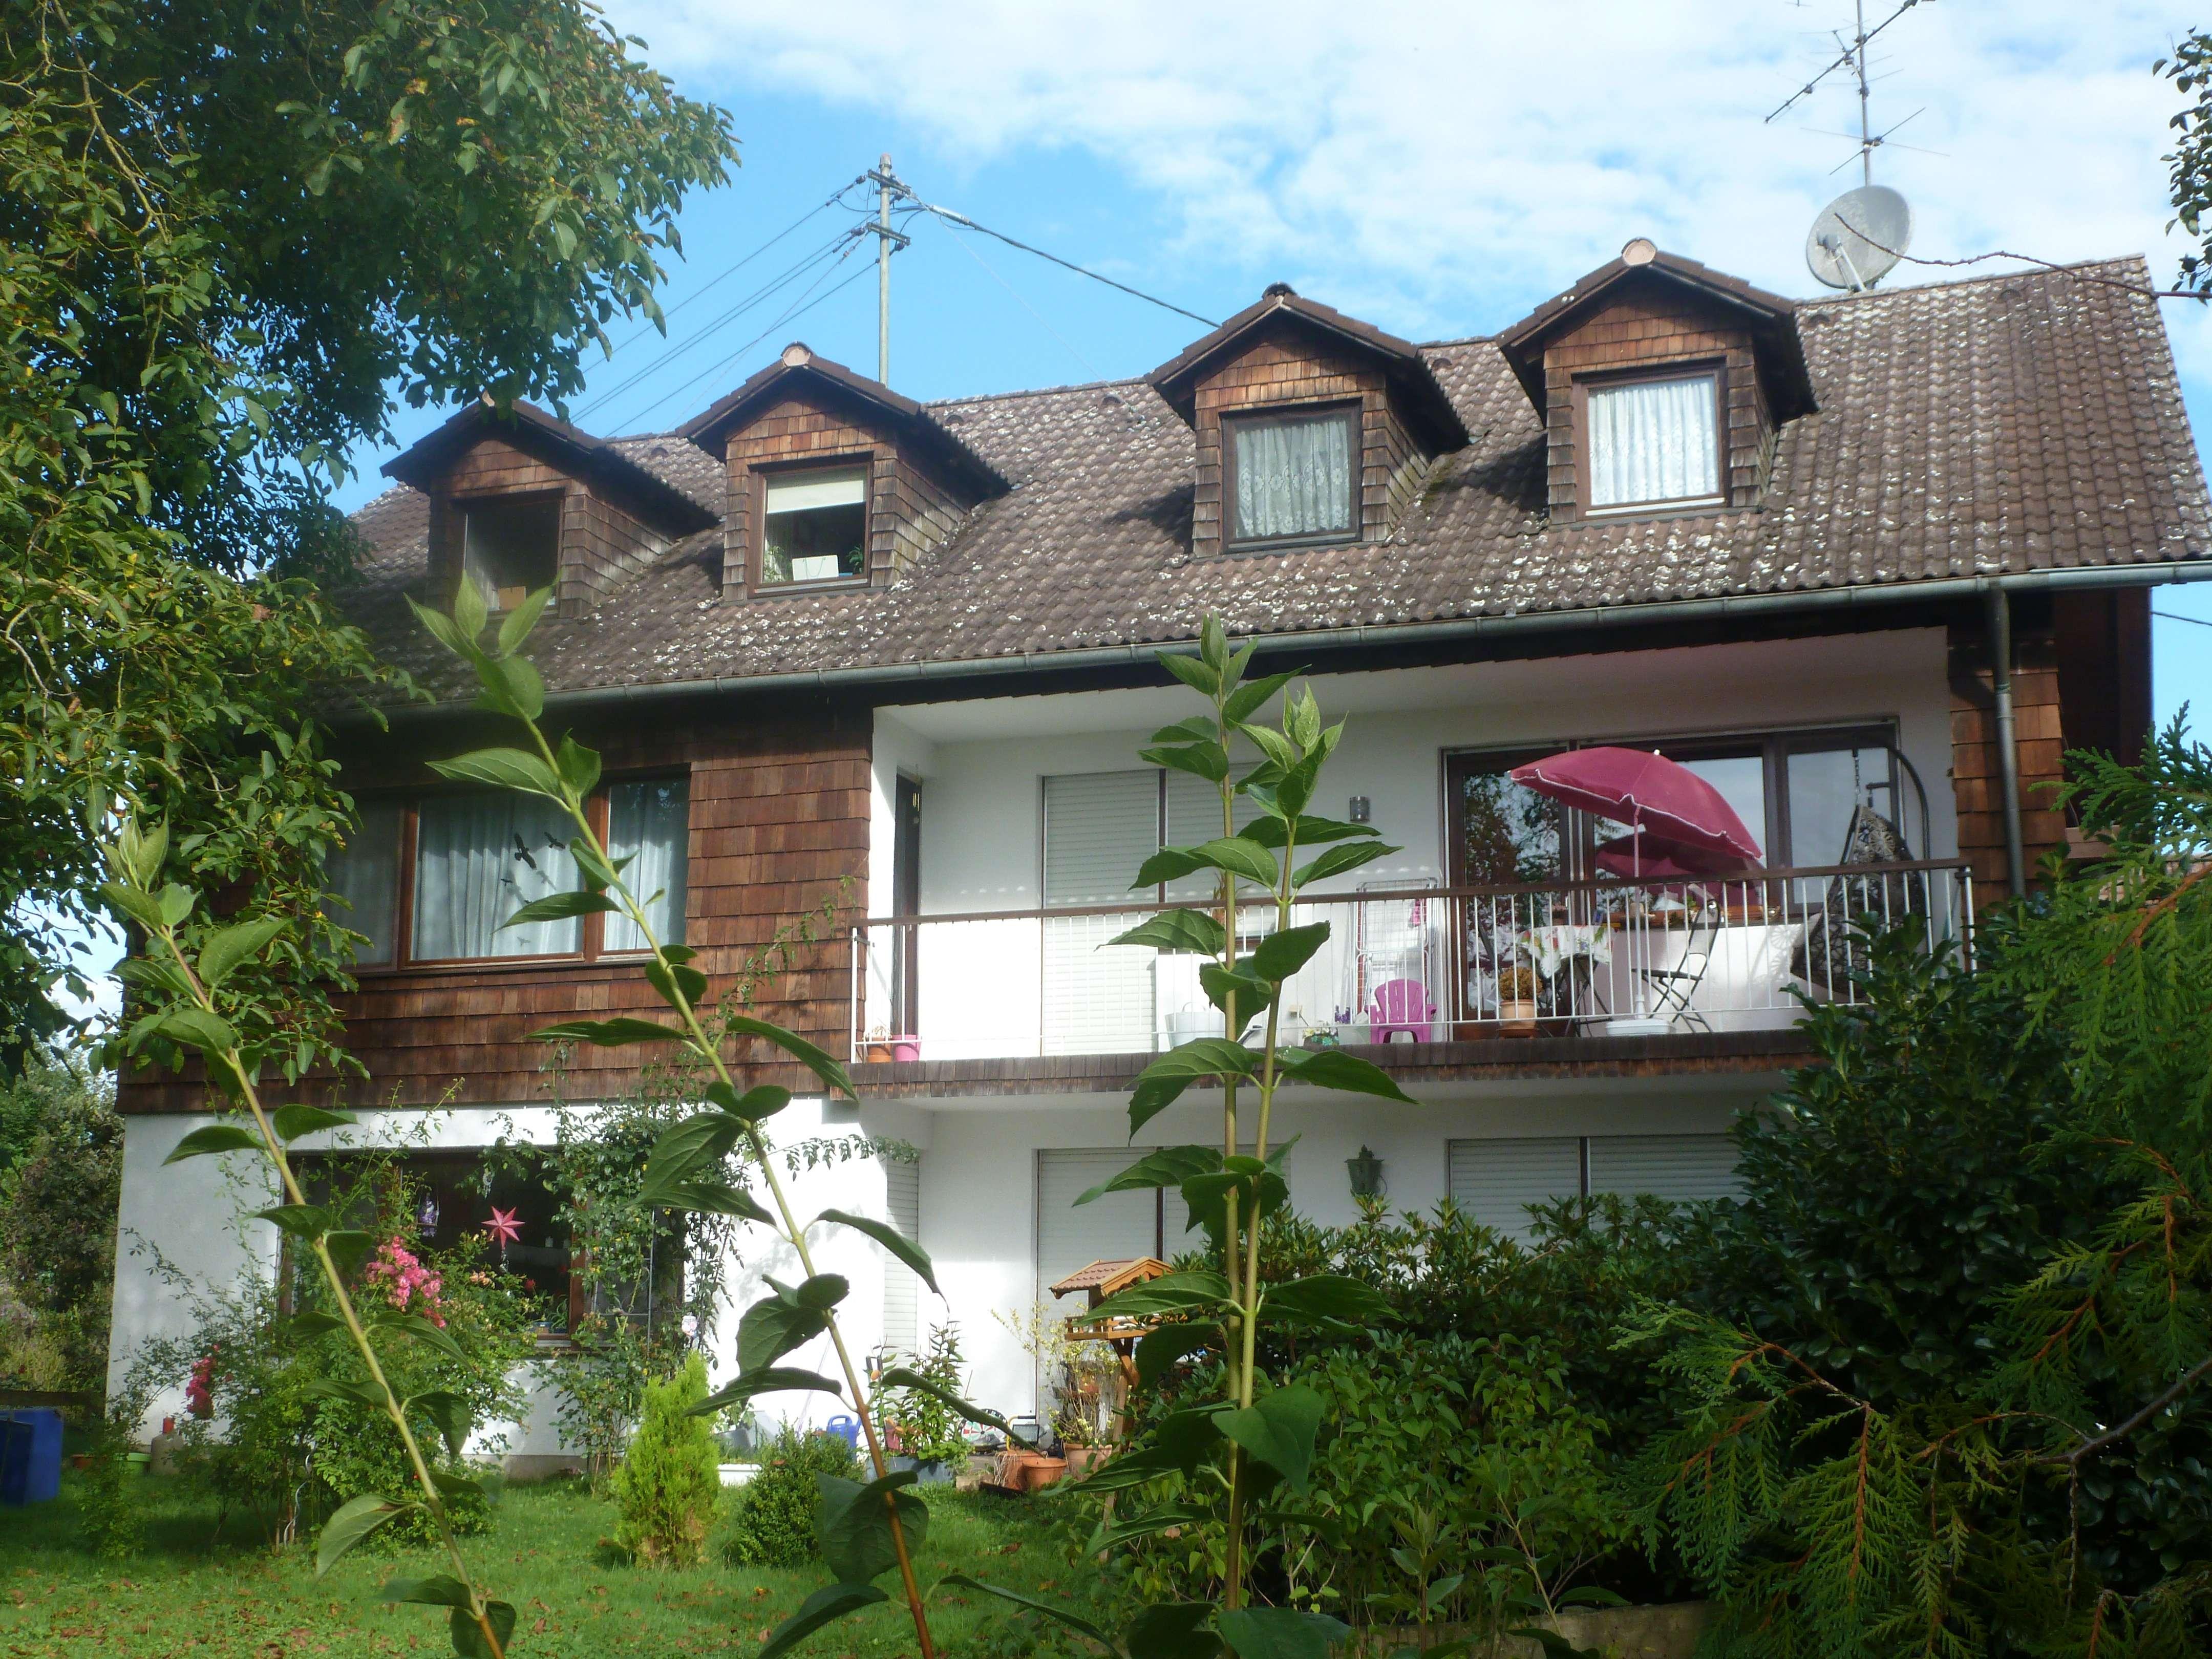 Vollständig renovierte 4-Zimmer-Dachgeschosswohnung mit EBK in Allershausen in Allershausen